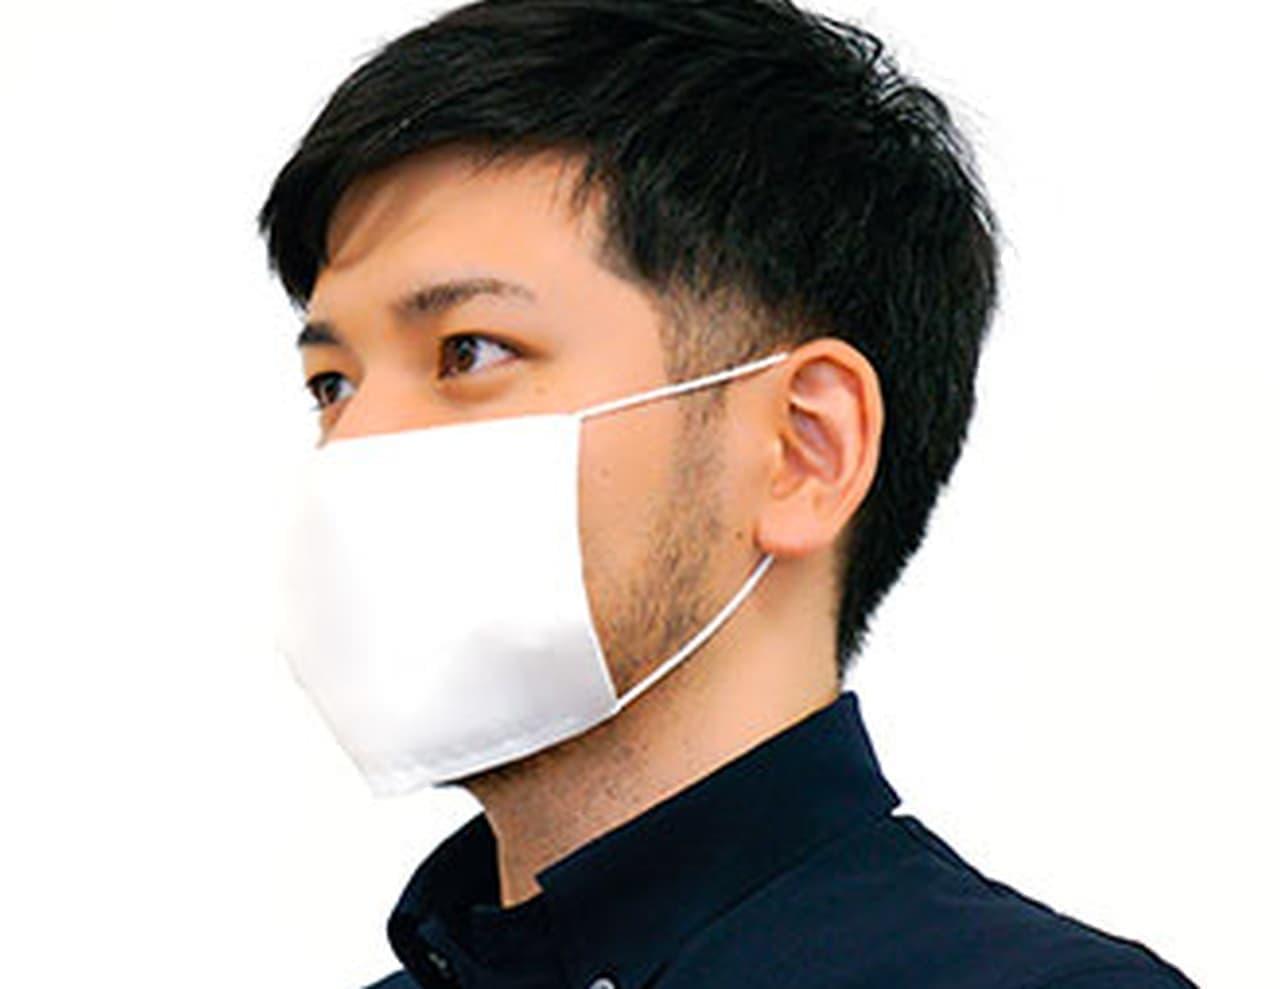 部屋干しでも2時間で乾くマスク「ひんやりマスク」発売